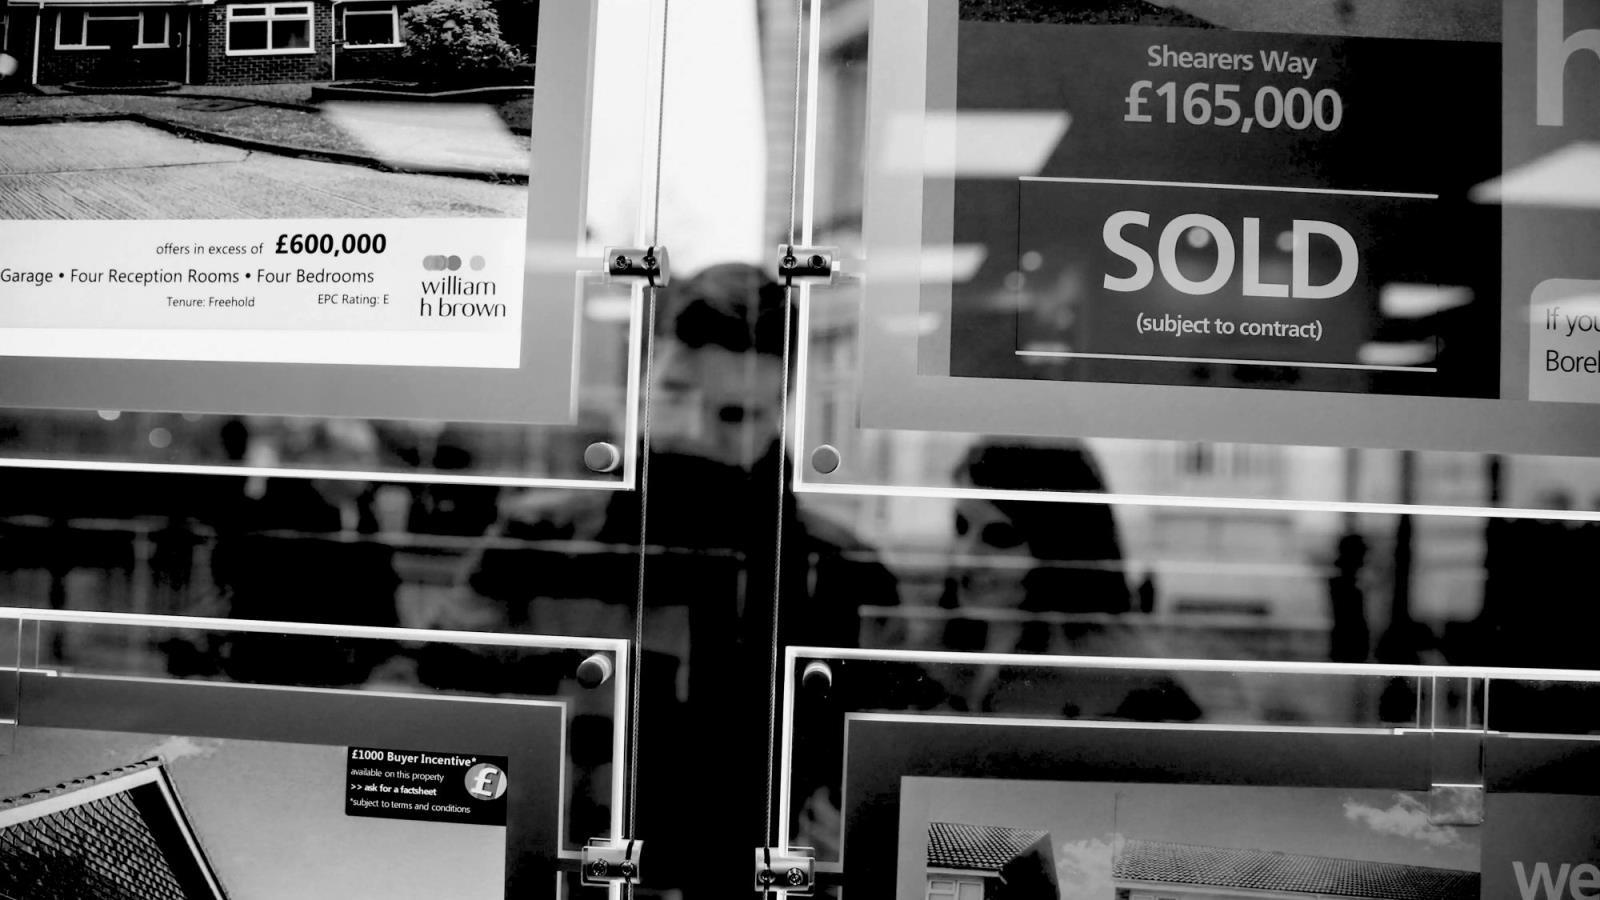 【英国房产新闻】房地产经纪人建议,在第二次封锁期间,重点关注销售安全